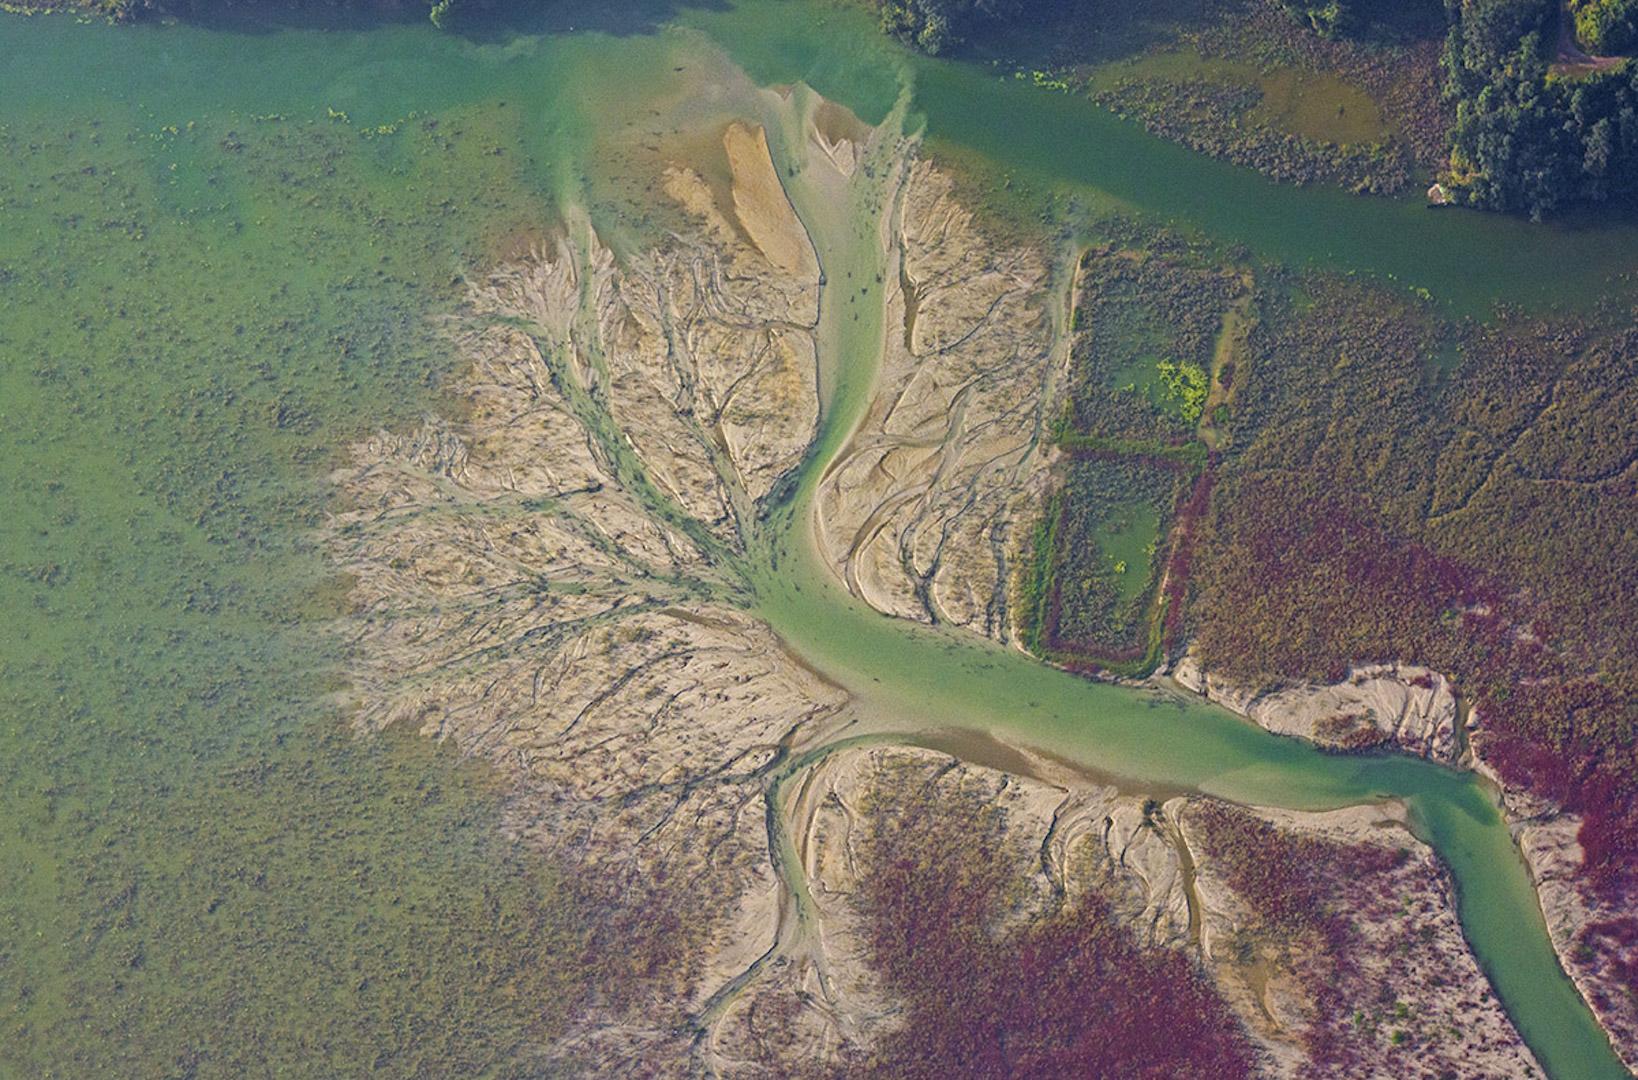 Nepal- Landscape view